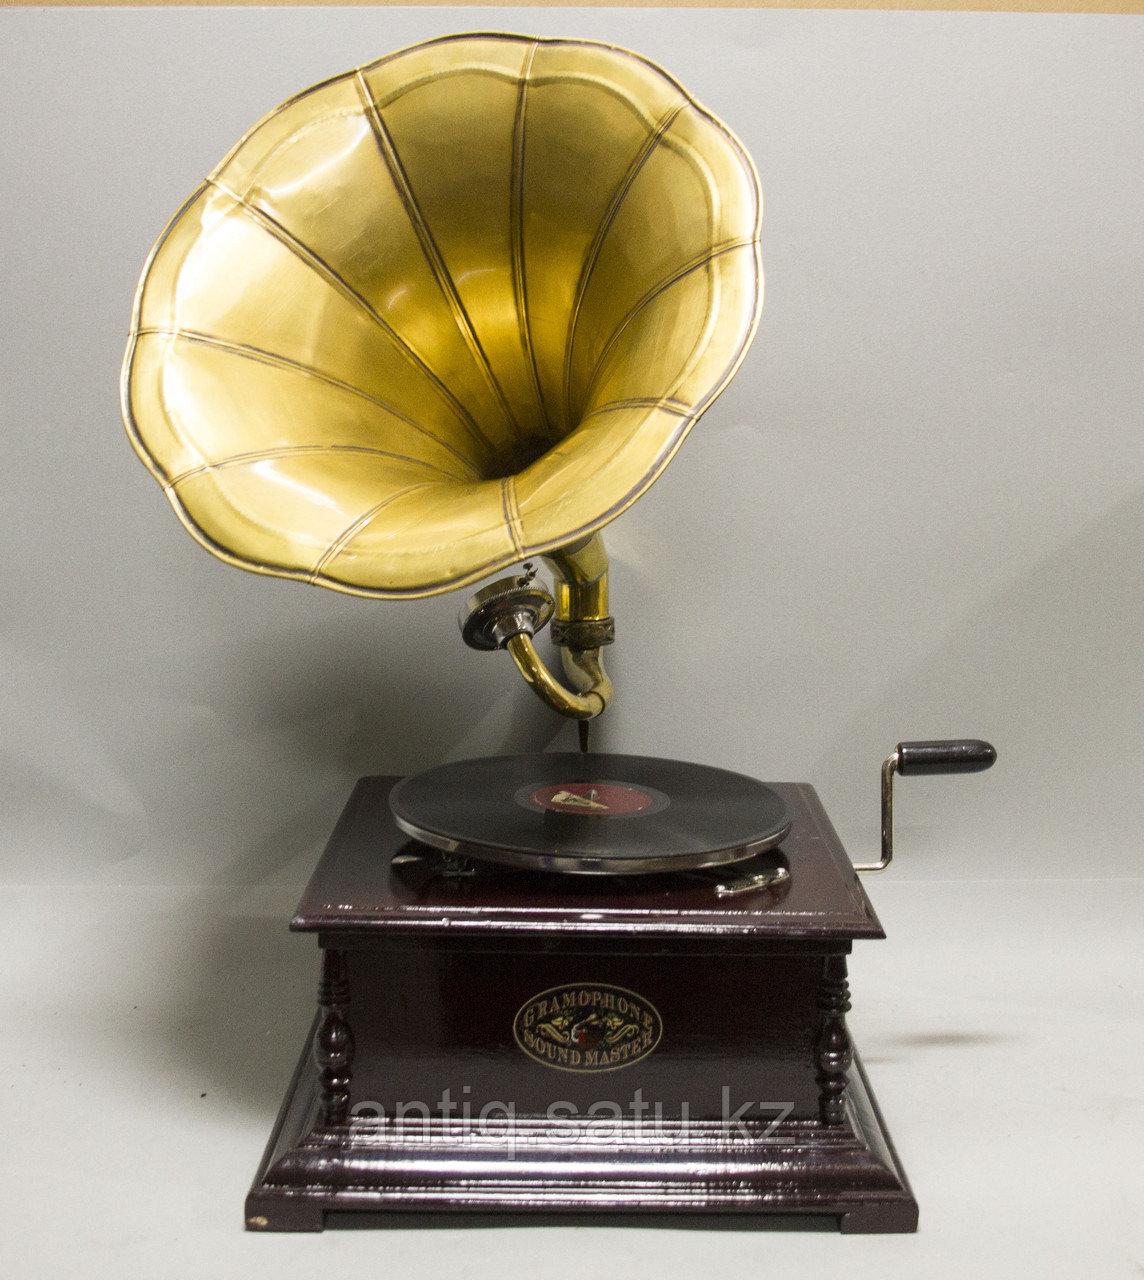 Голландский граммофон. 5 старинных пластинок в подарок покупателю. - фото 5